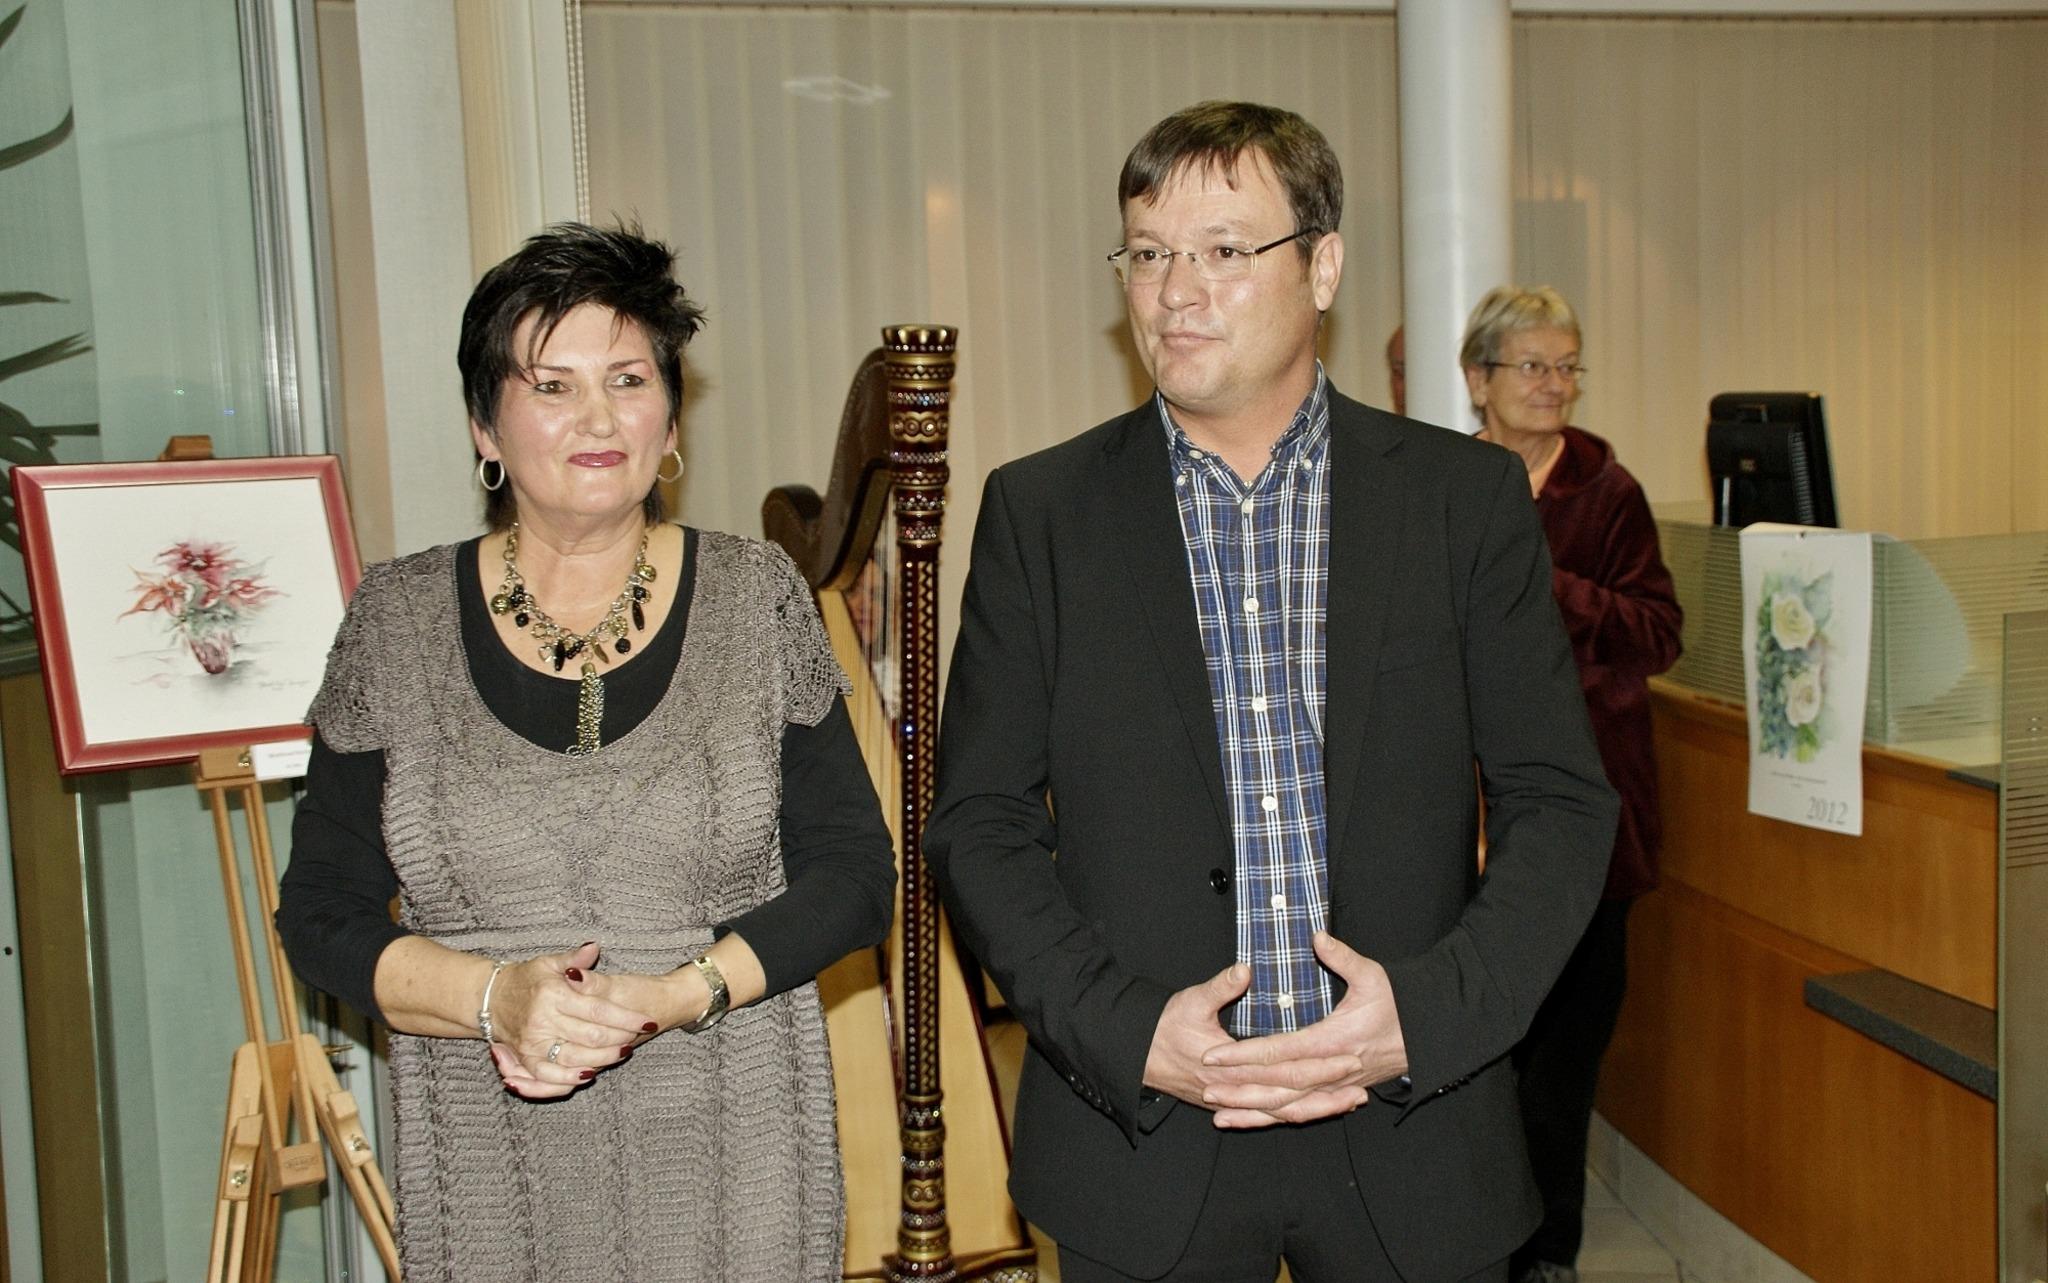 Das erste Herzerl Fest am 9. November in Kundl - chad-manufacturing.com